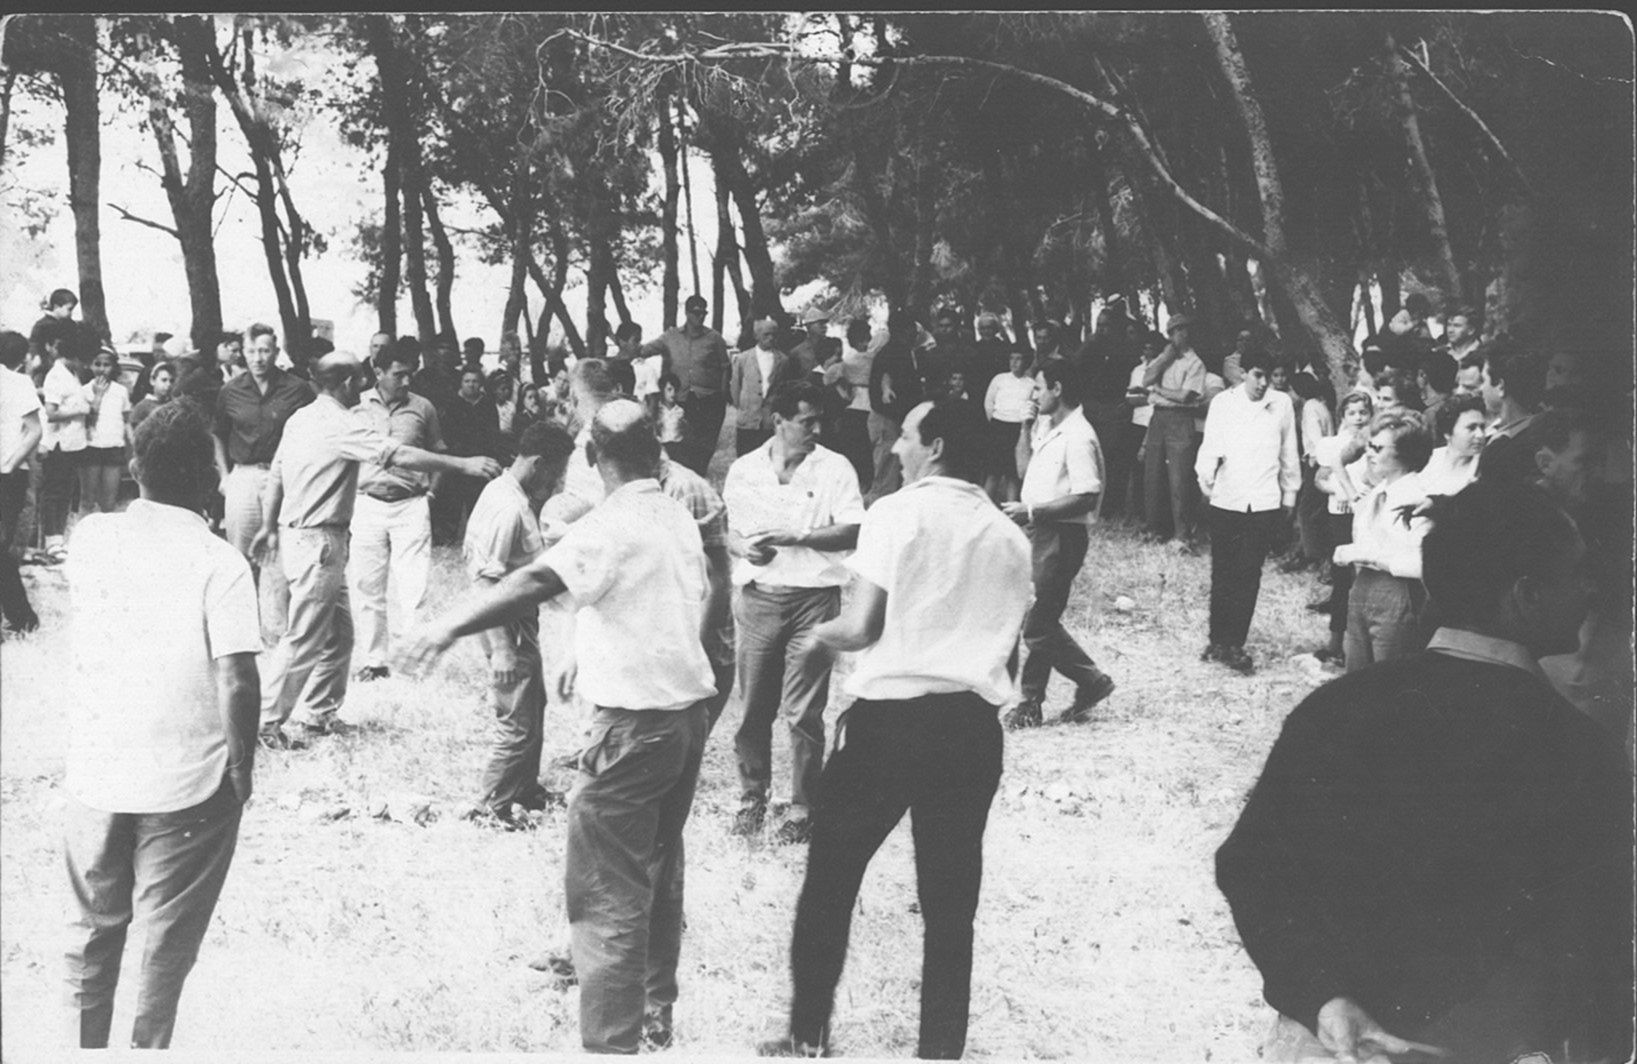 פקניק 1965 משחק עמודו מבוגרים